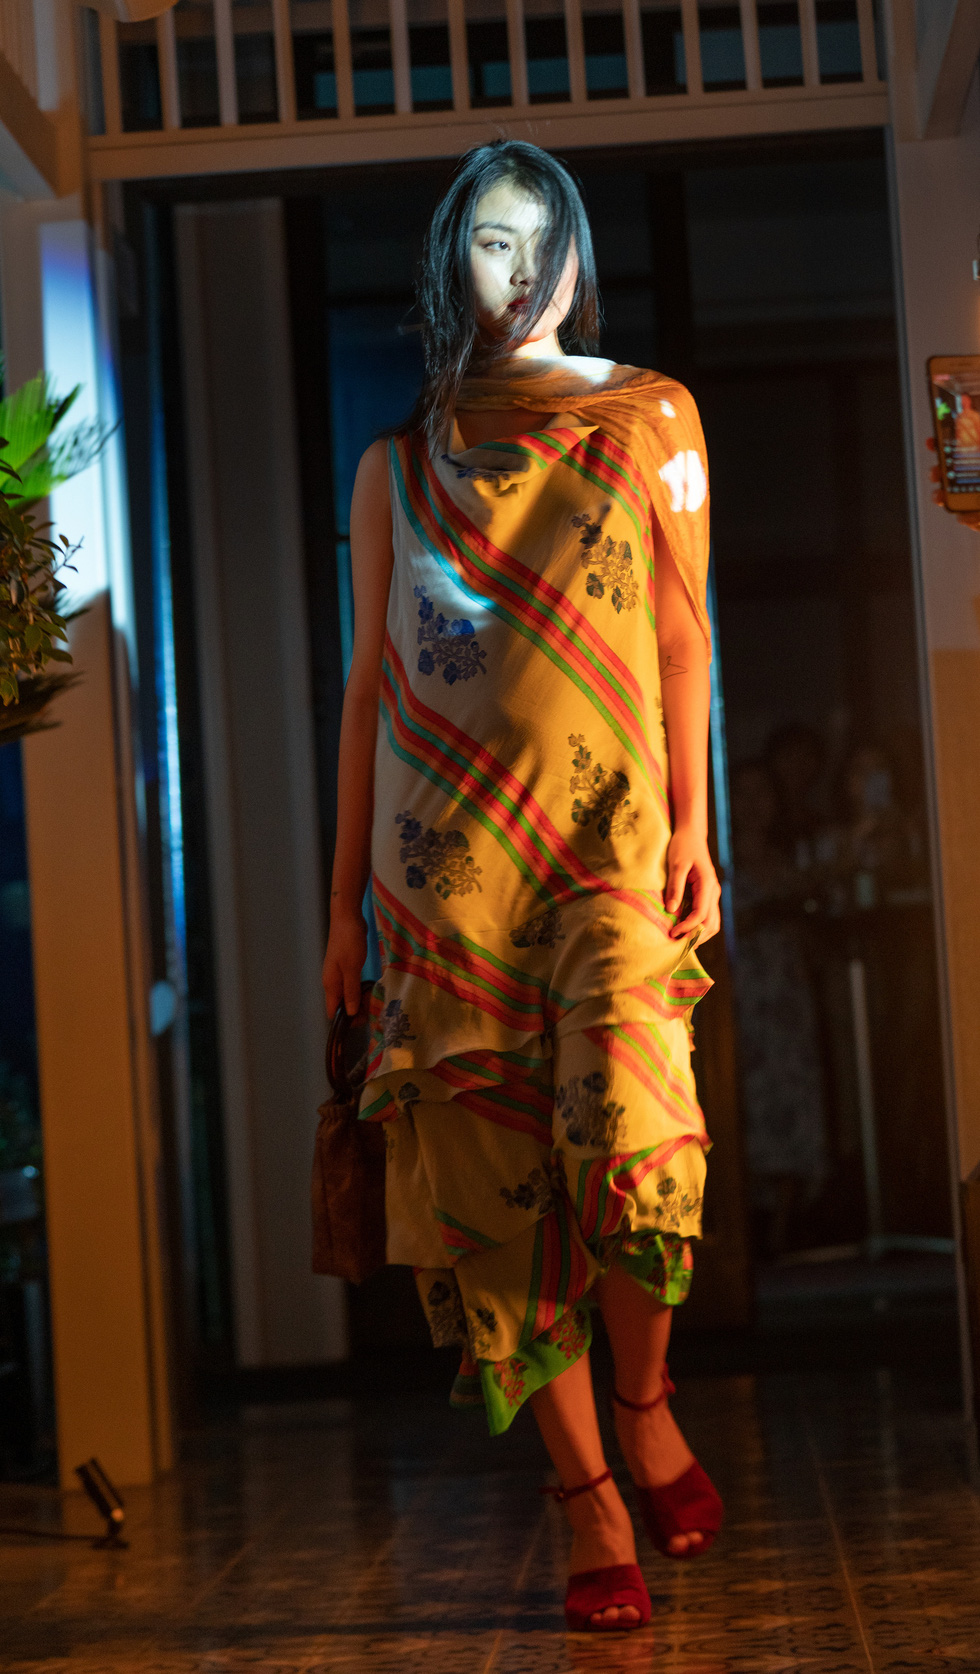 Nhà thiết kế Li Lam: Thời trang liên quan đến nội tâm nhiều hơn những gì hào nhoáng bên ngoài - Ảnh 8.